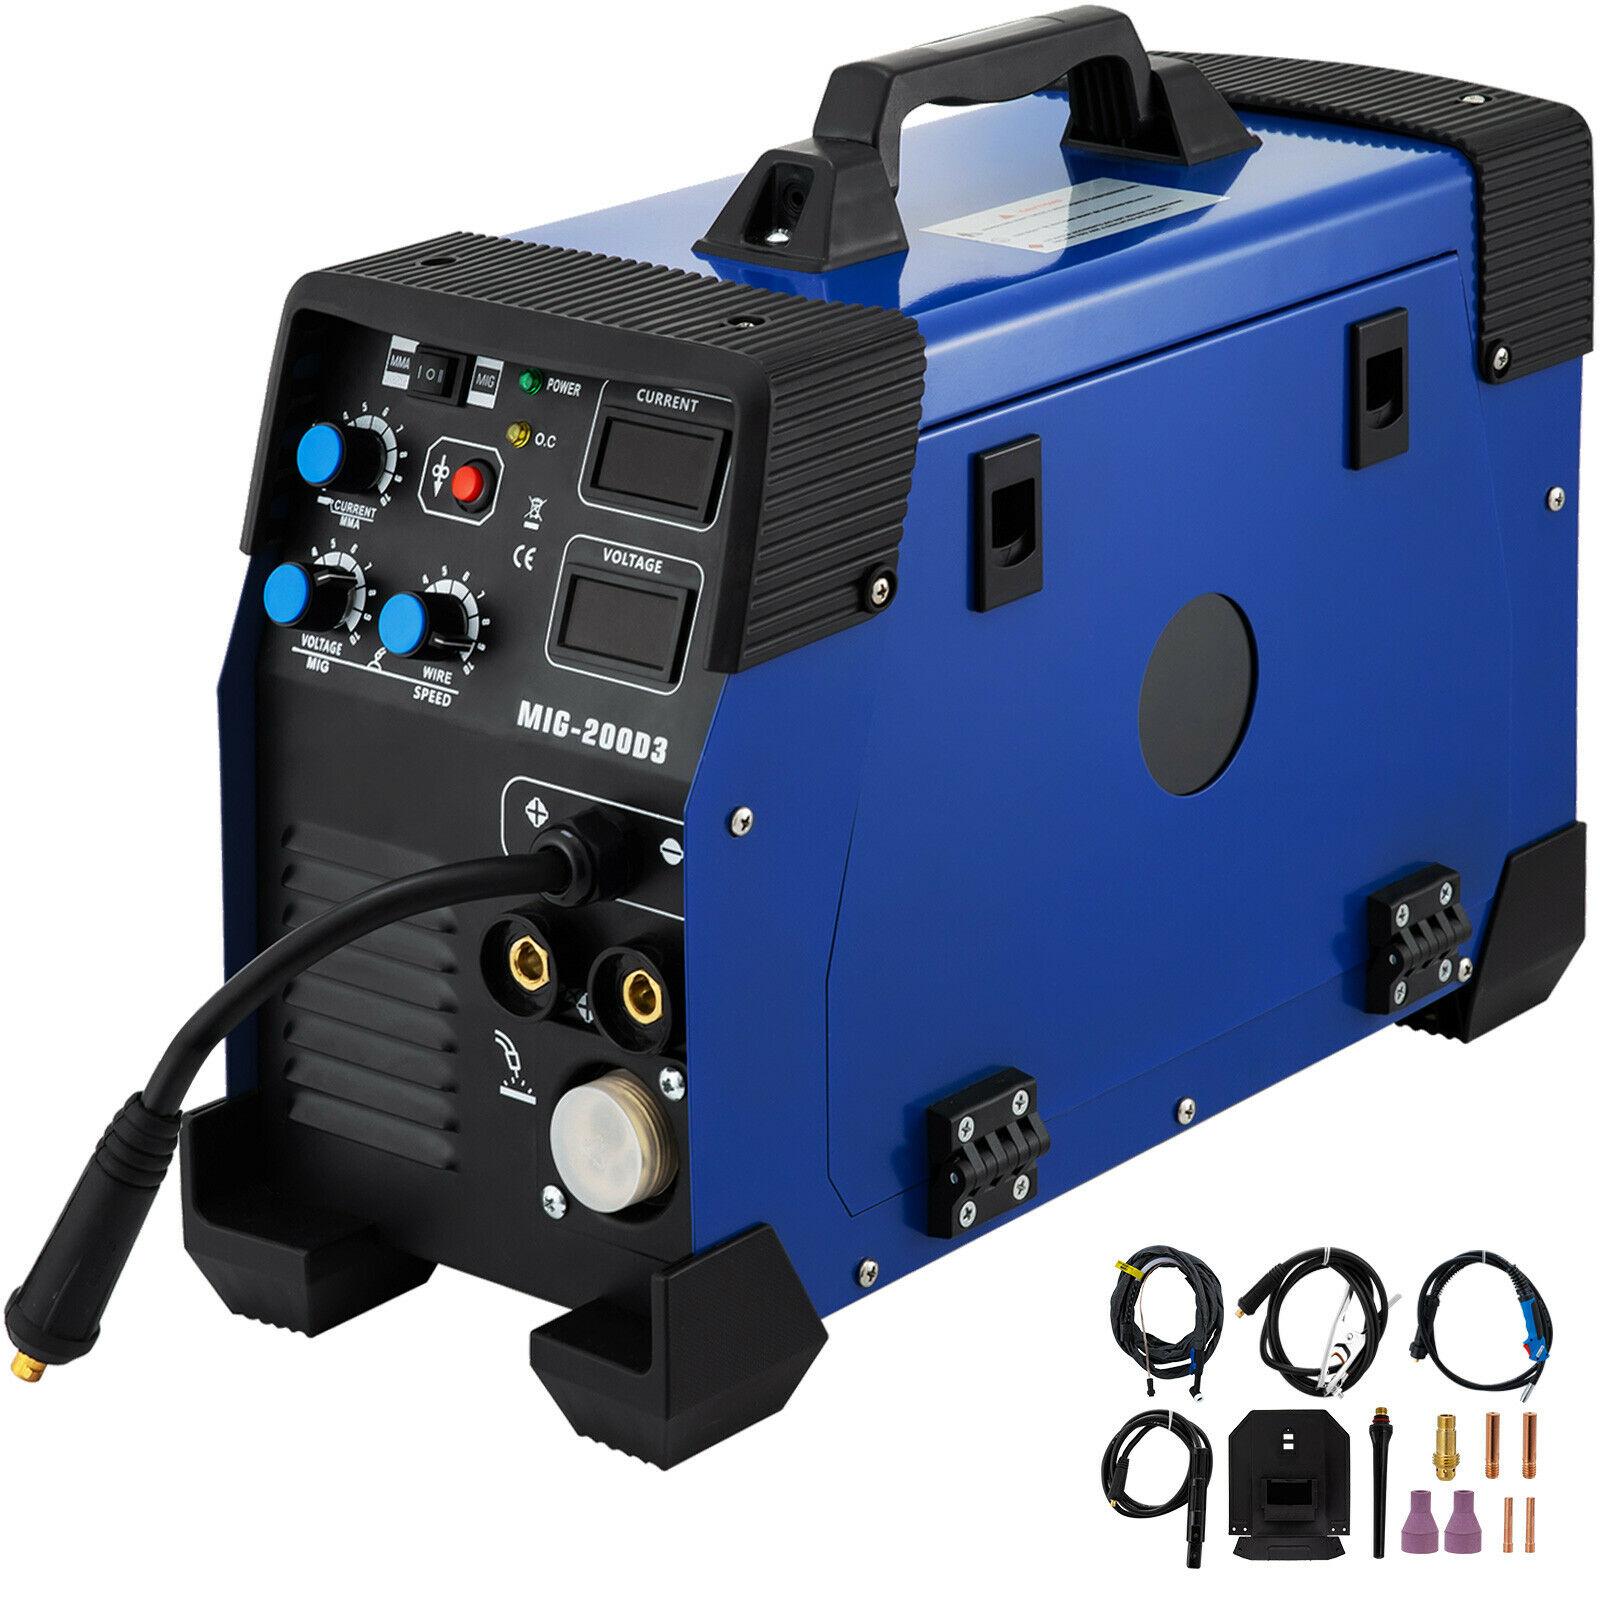 5 في 1 MIG / MAG/TIG/تدفق/MMA ماكينة لحام بالكهرباء IGBT 200Amp كومبو آلة لحام بقعة لحام 200A